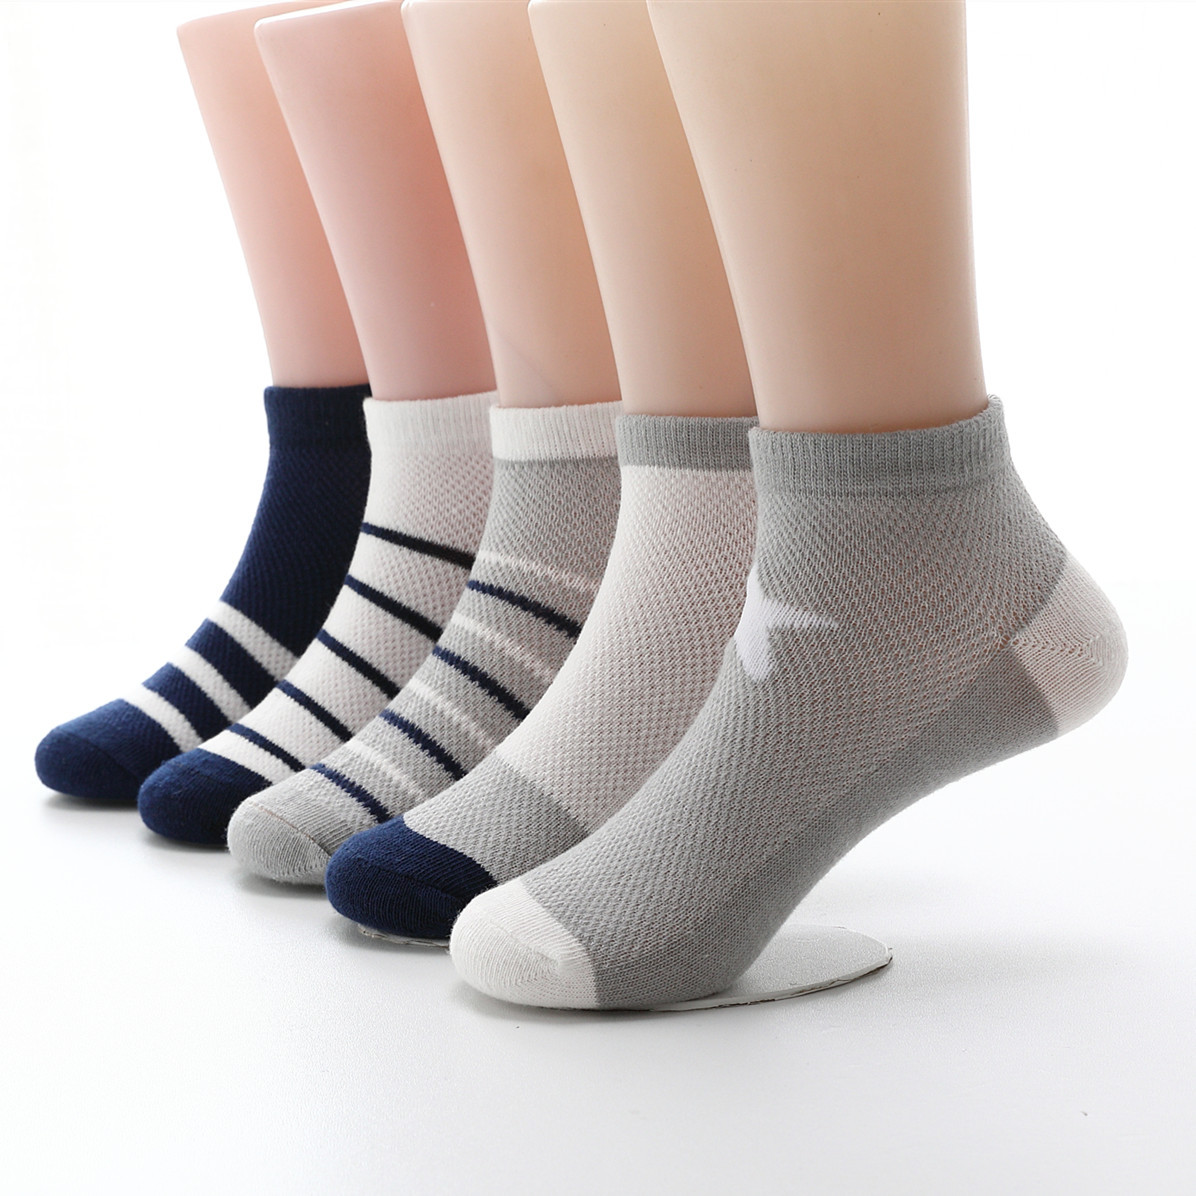 儿童袜子春夏季薄款男童女童春秋超薄棉透气纯棉小孩夏天网眼短袜